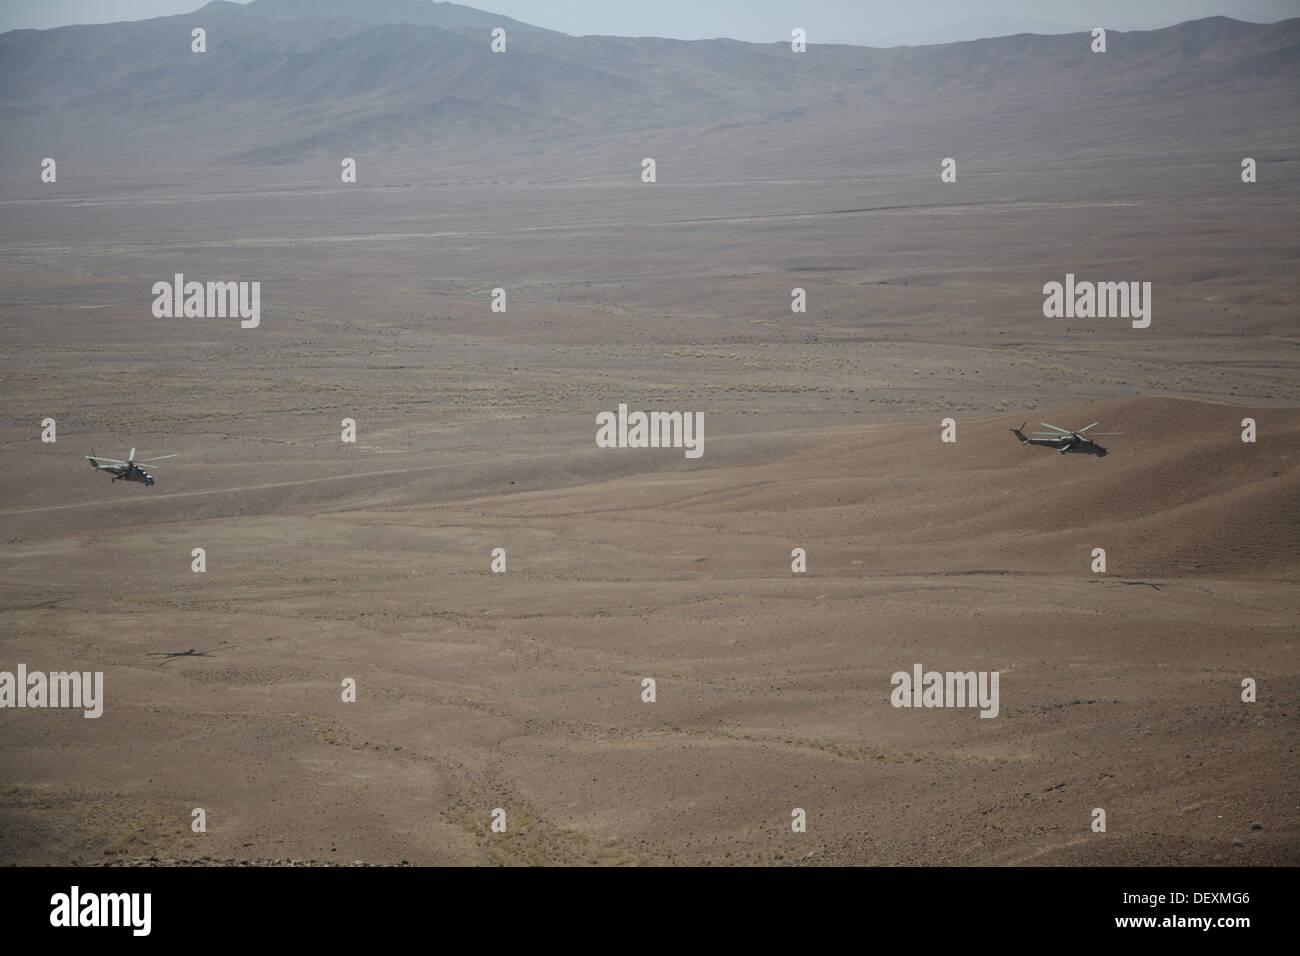 Afghan Air Force Mi-35 Hind elicotteri condurre un live fire esercizio per aiutare a sviluppare la Afghan Tactical Air coordinatori nella provincia di Logar, Afghanistan, Sett. 18, 2013. Il programma ATAC aiuterà l esercito nazionale afgano soldati sul terreno integrare Immagini Stock